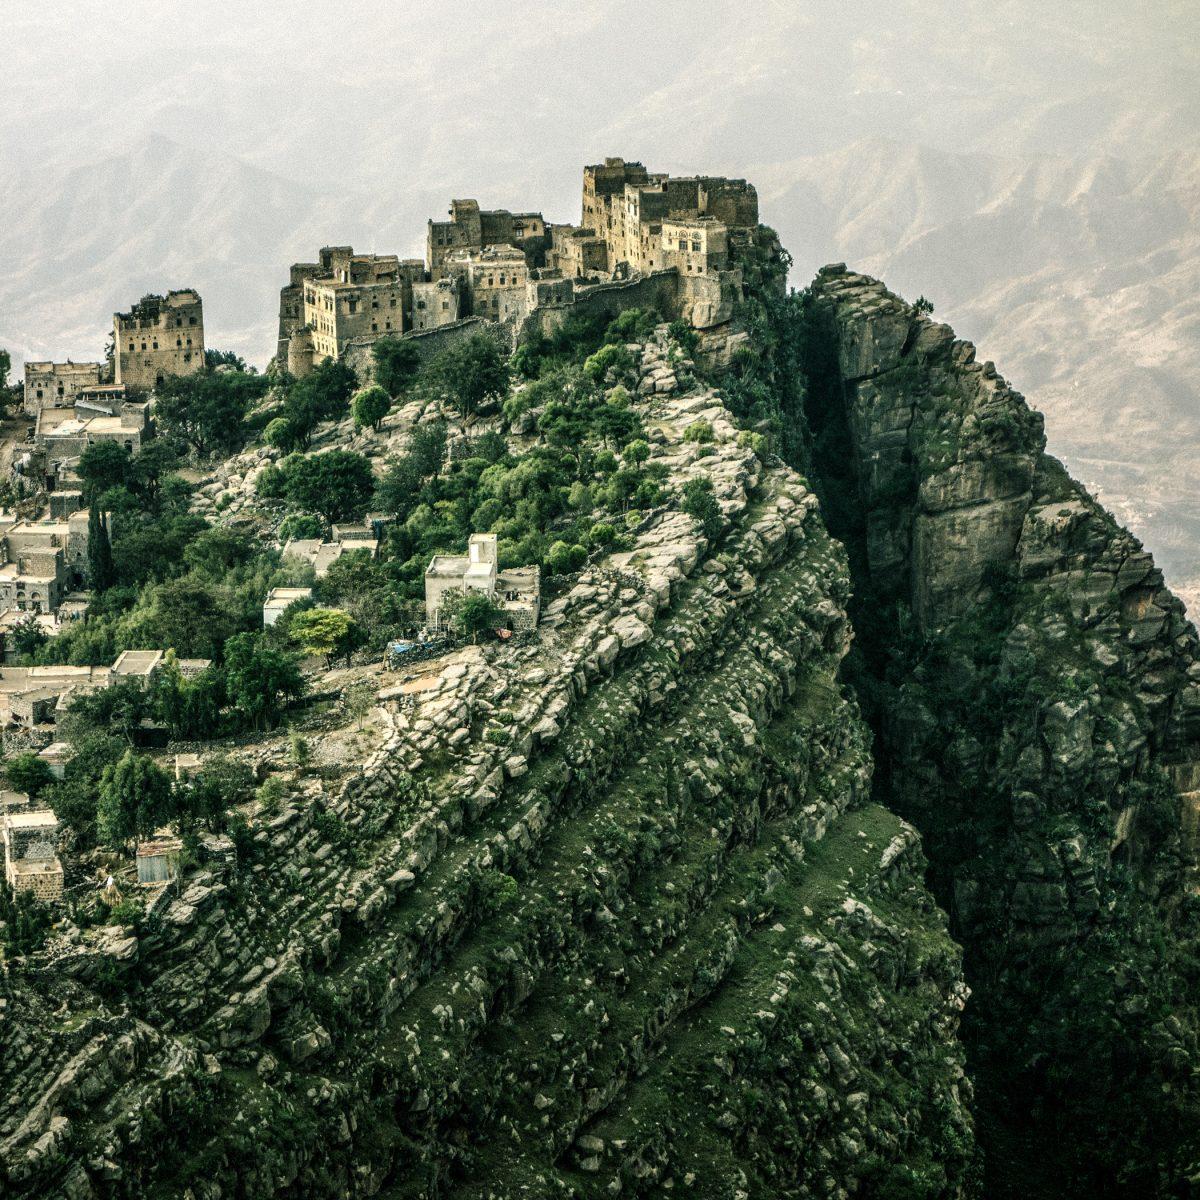 yumna_al-arashi_northern_yemen_07